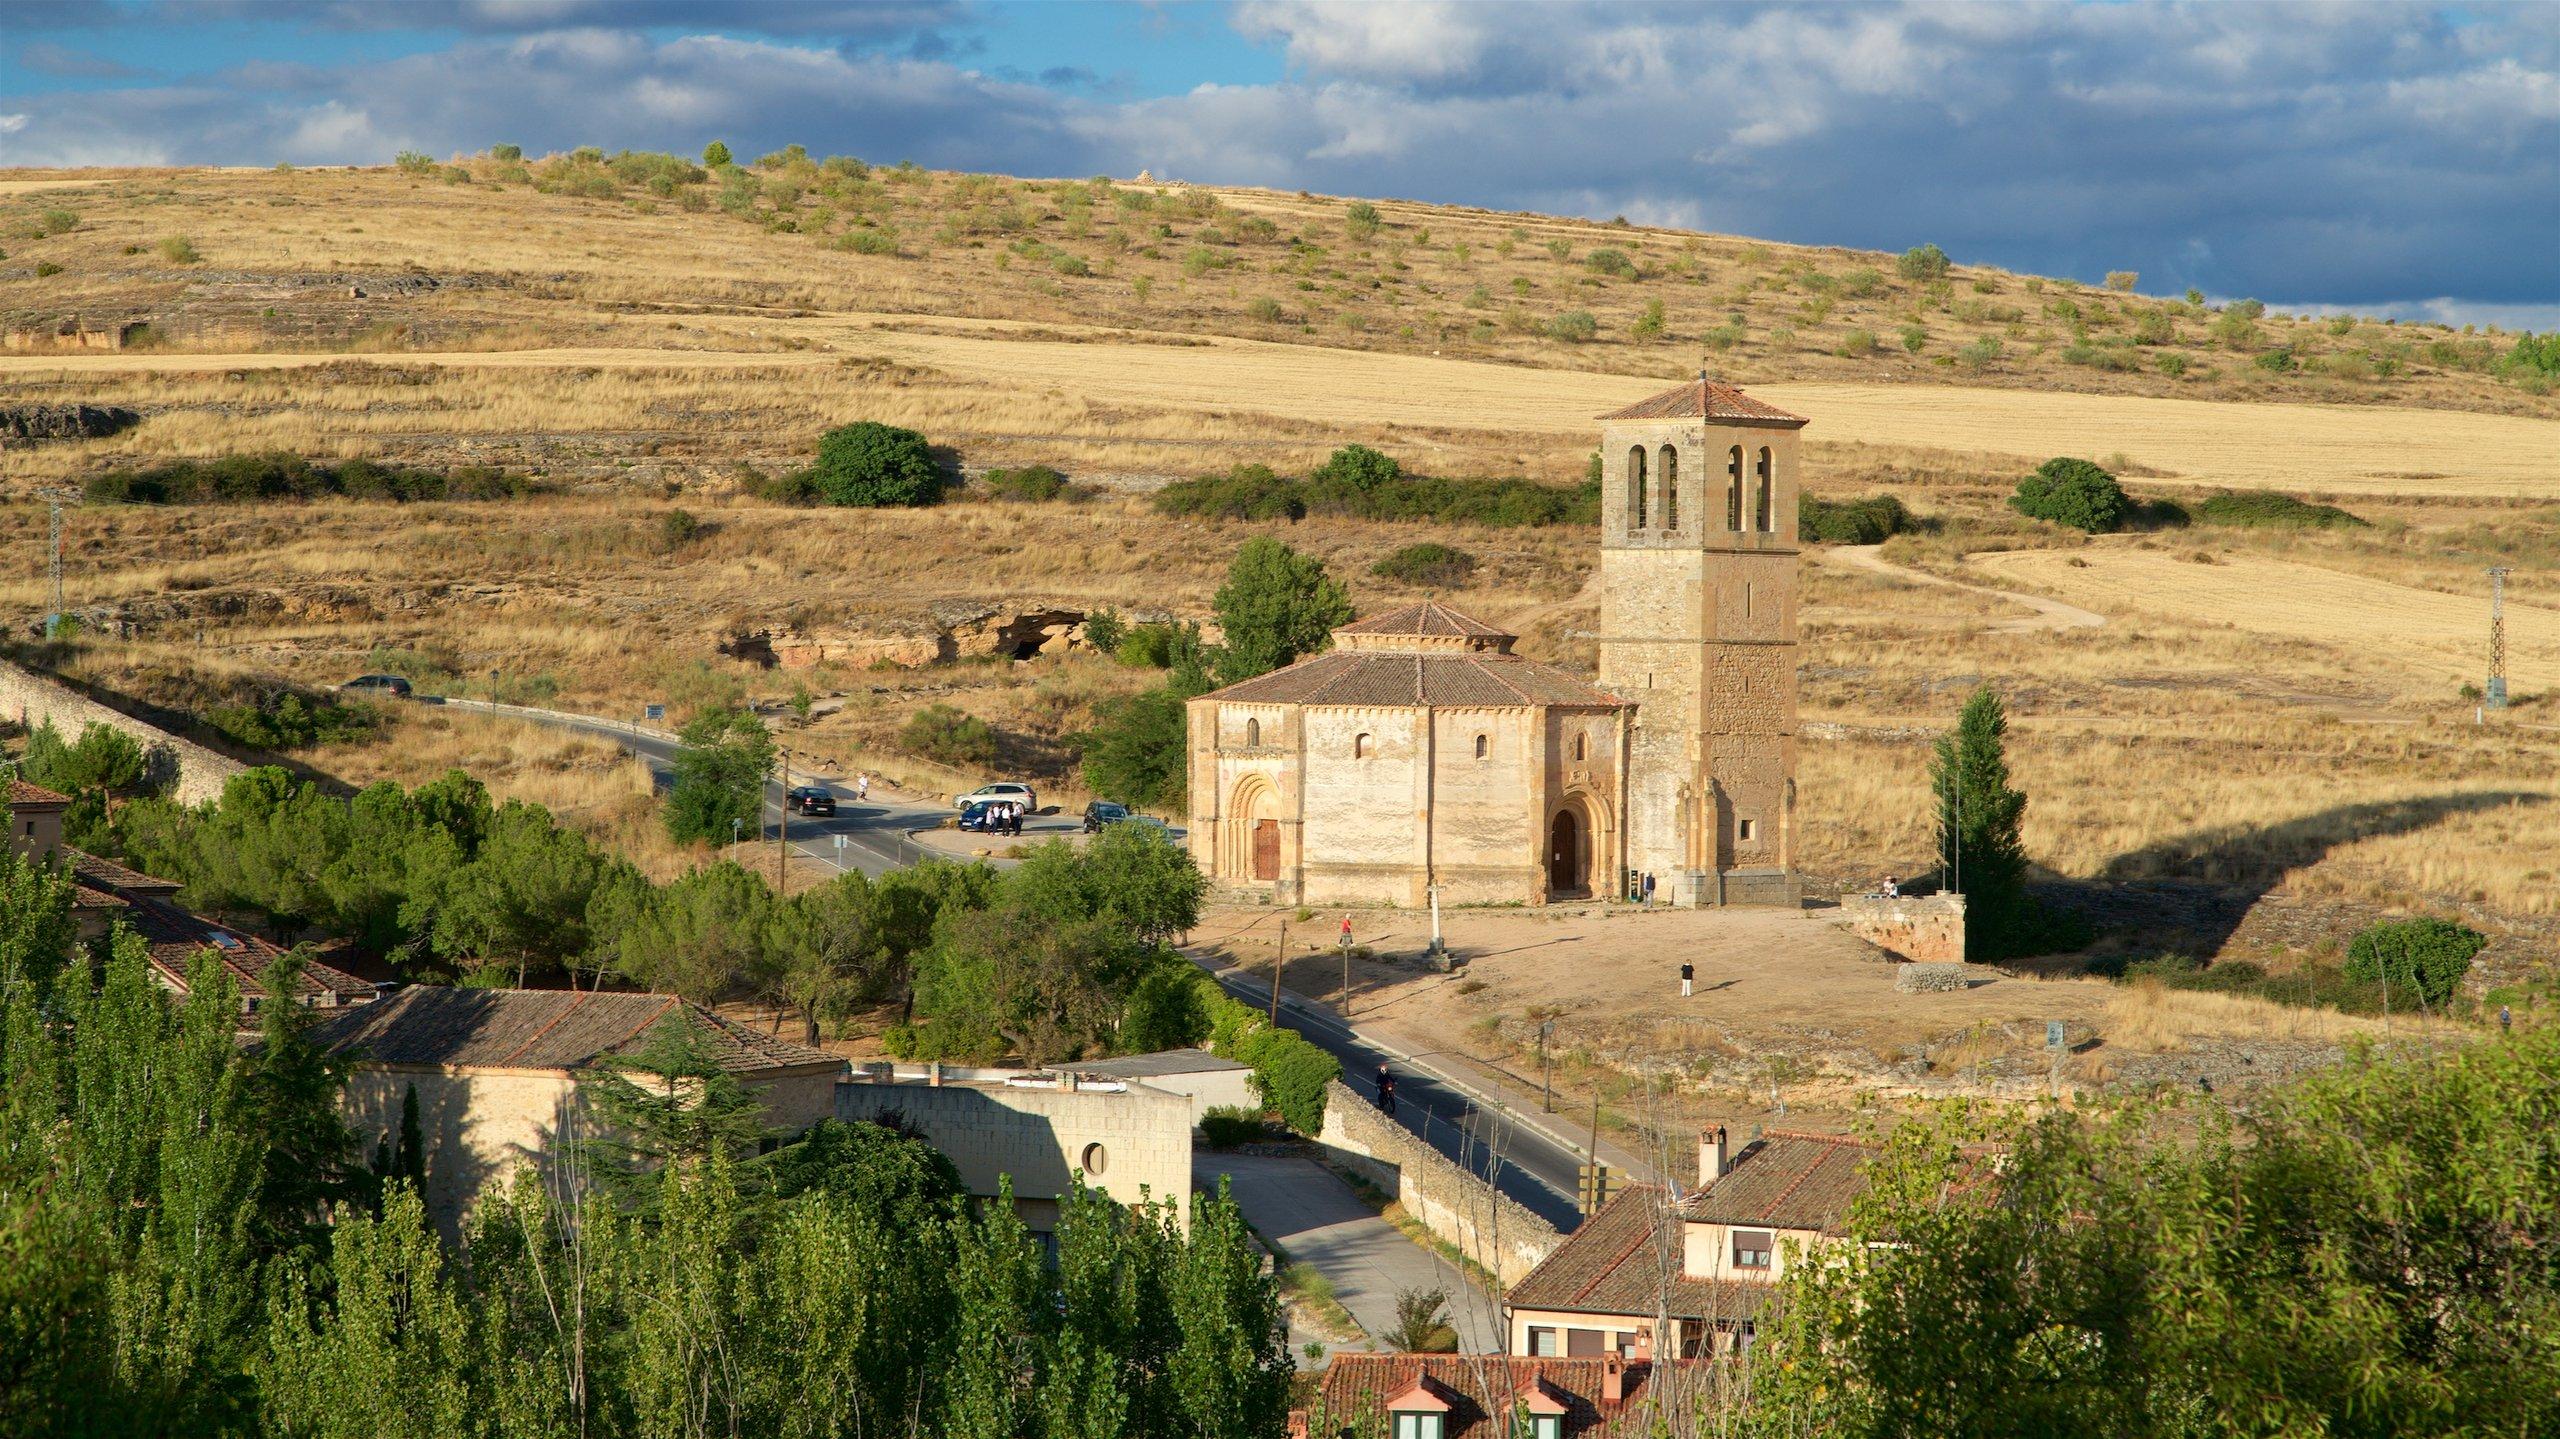 Visitate un'antica struttura edificata per proteggere un sacro frammento della Vera Croce e da dove si aprono panorami sconfinati del centro storico e dell'Alcázar.